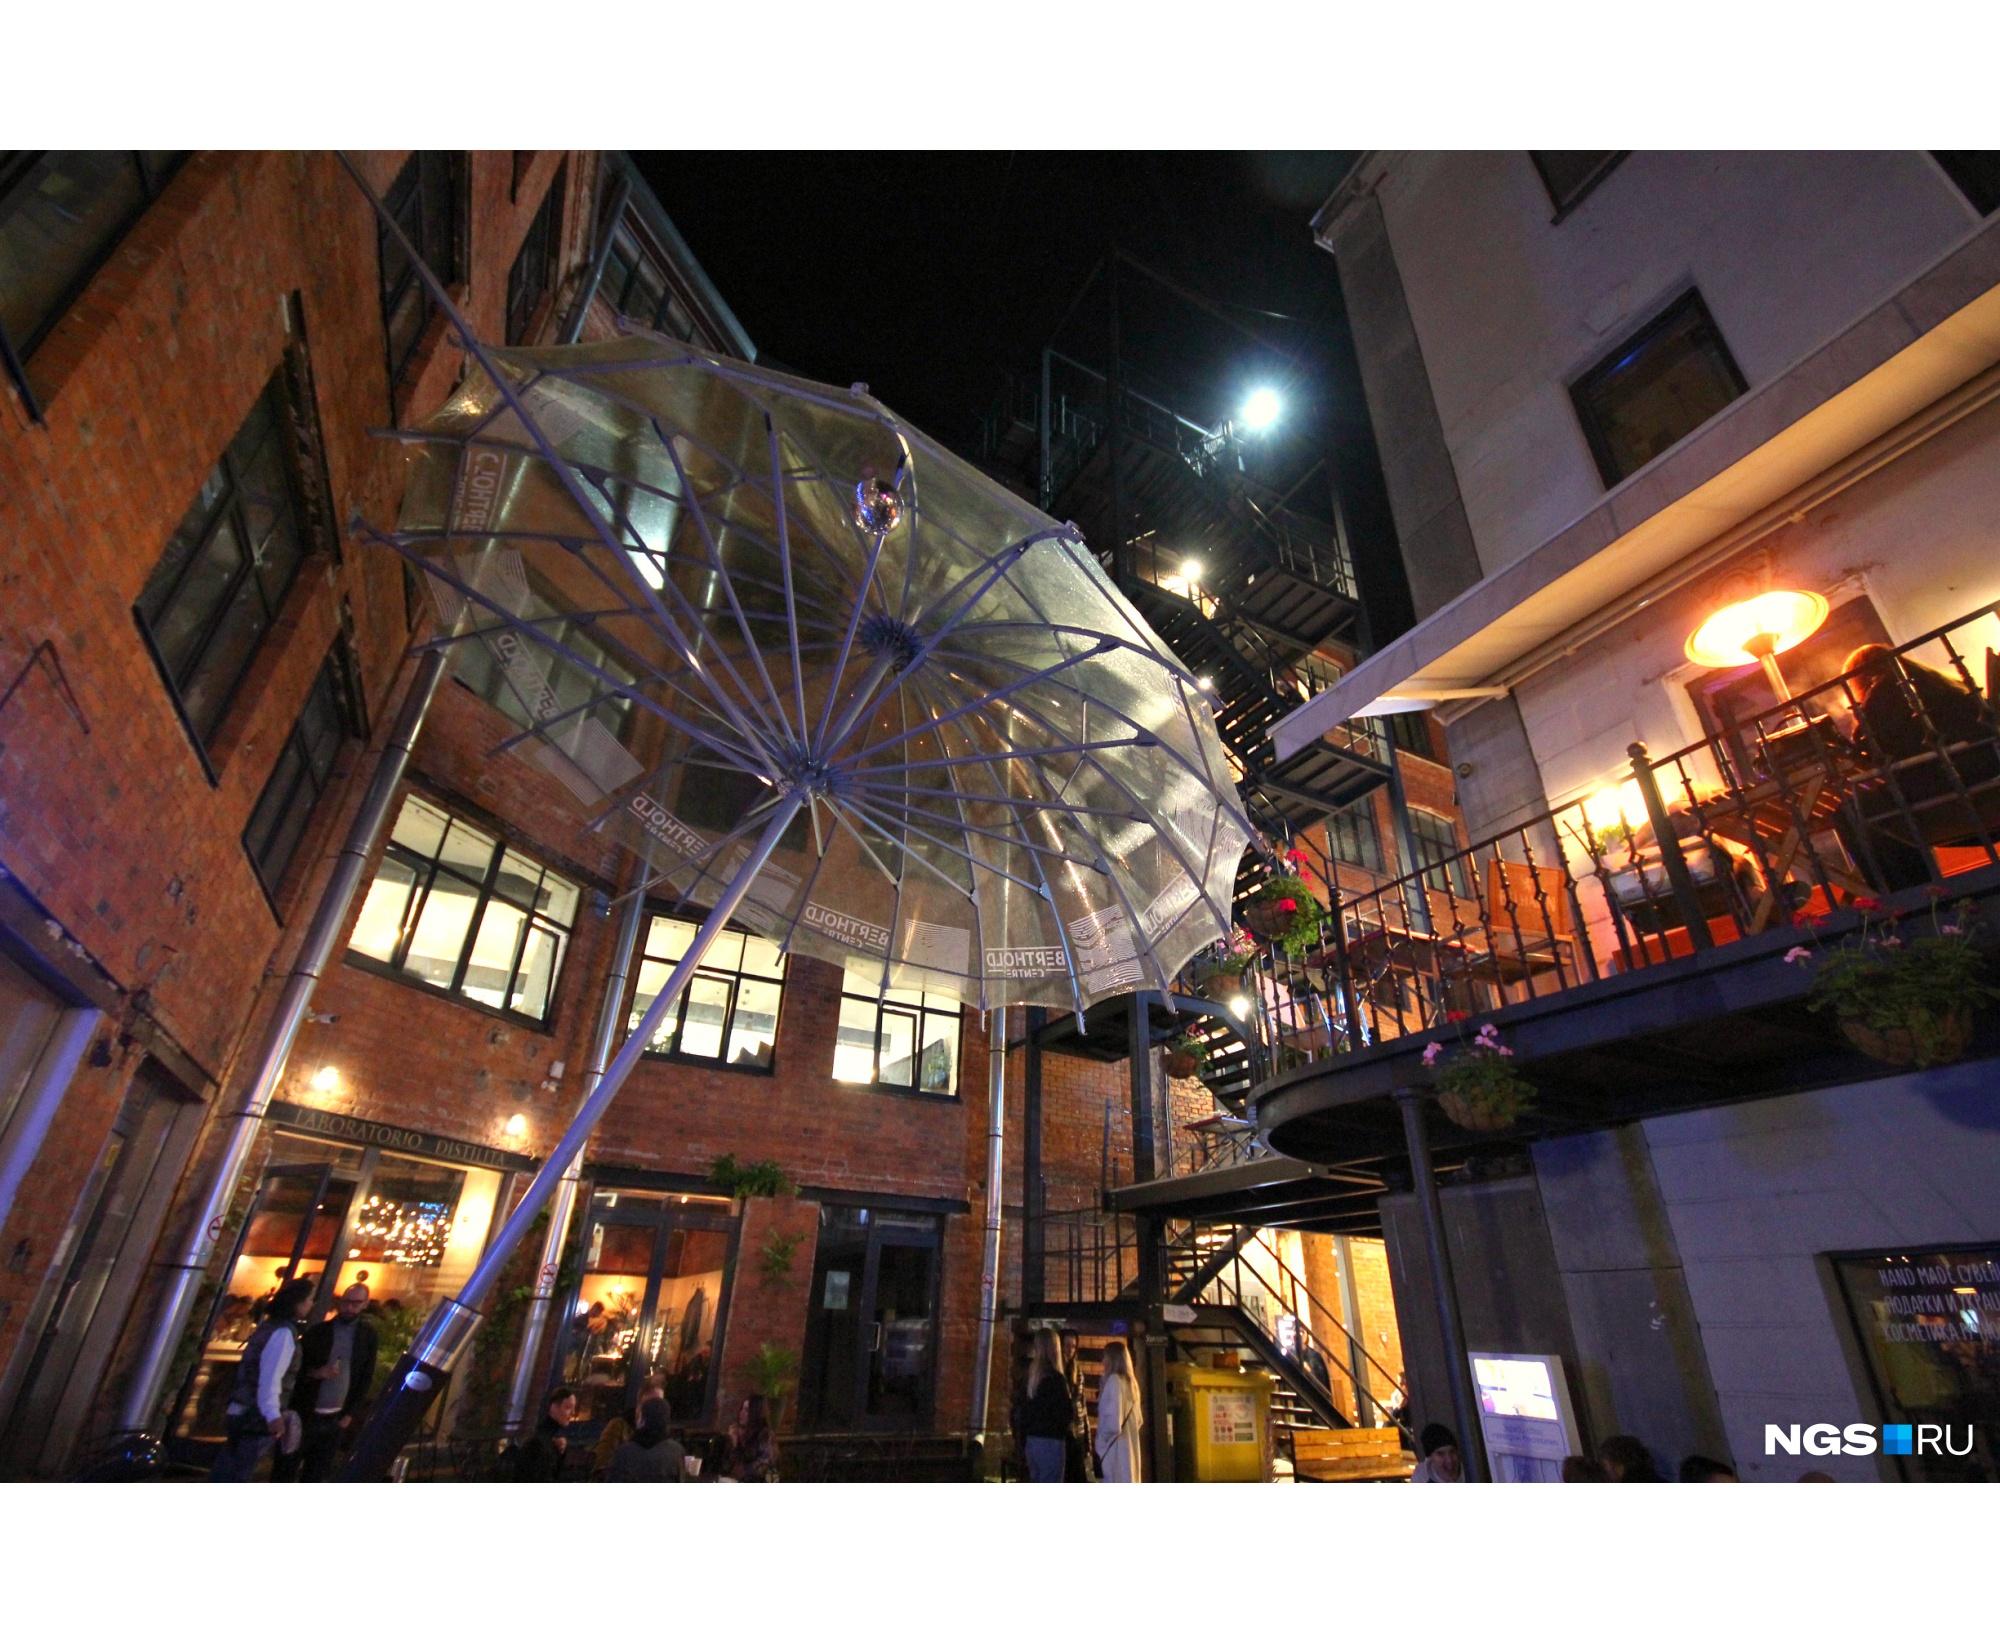 Часть дворика в Бертгольд-центре укрыта от дождя гигантским зонтом, лестница за ним ведет на обзорную площадку